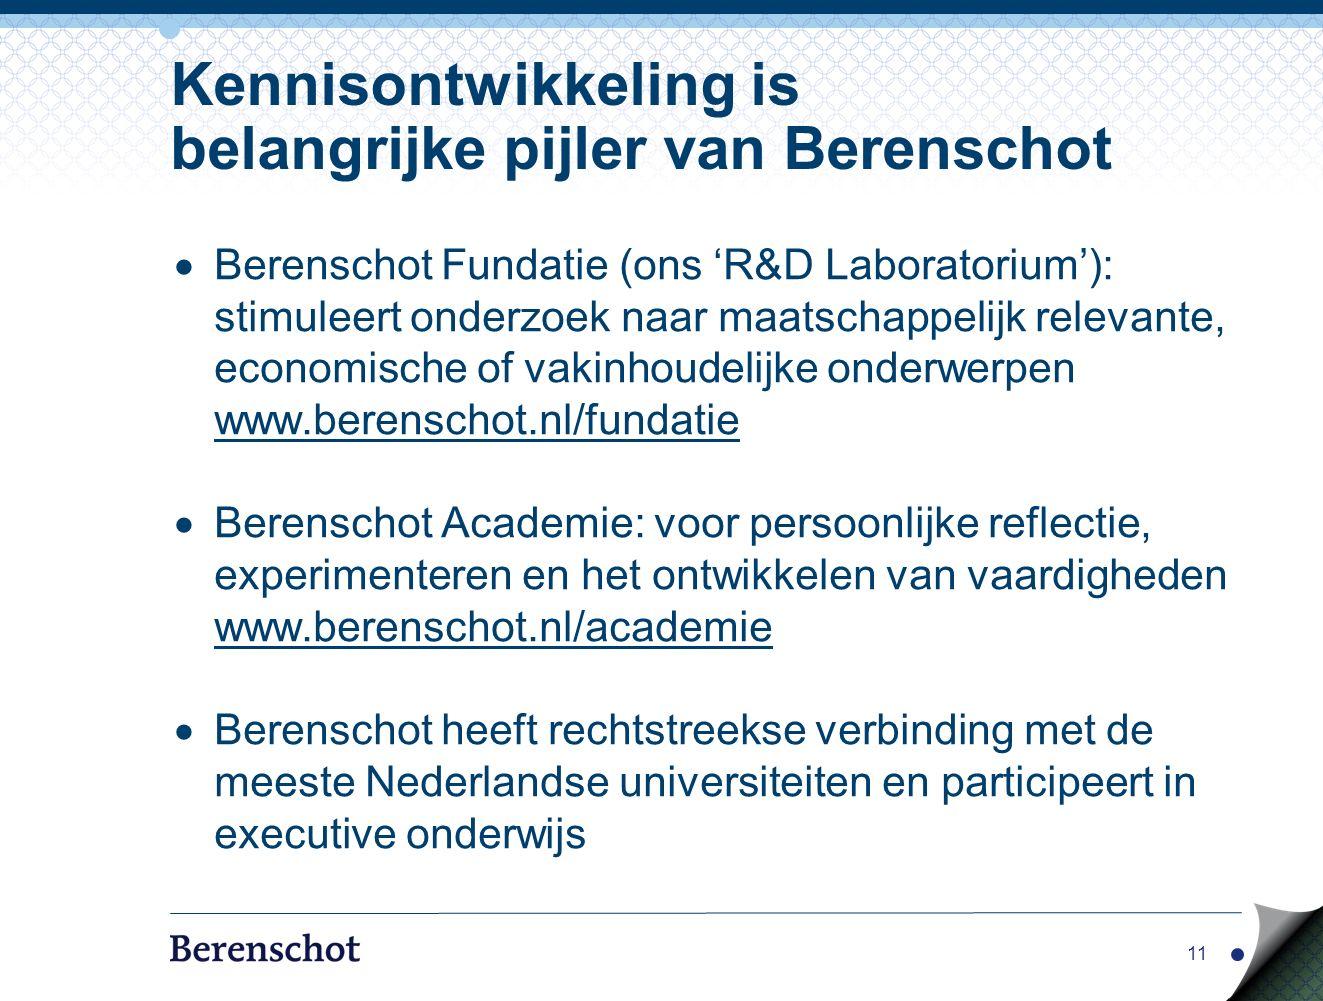  Berenschot Fundatie (ons 'R&D Laboratorium'): stimuleert onderzoek naar maatschappelijk relevante, economische of vakinhoudelijke onderwerpen www.berenschot.nl/fundatie  Berenschot Academie: voor persoonlijke reflectie, experimenteren en het ontwikkelen van vaardigheden www.berenschot.nl/academie  Berenschot heeft rechtstreekse verbinding met de meeste Nederlandse universiteiten en participeert in executive onderwijs 11 Kennisontwikkeling is belangrijke pijler van Berenschot